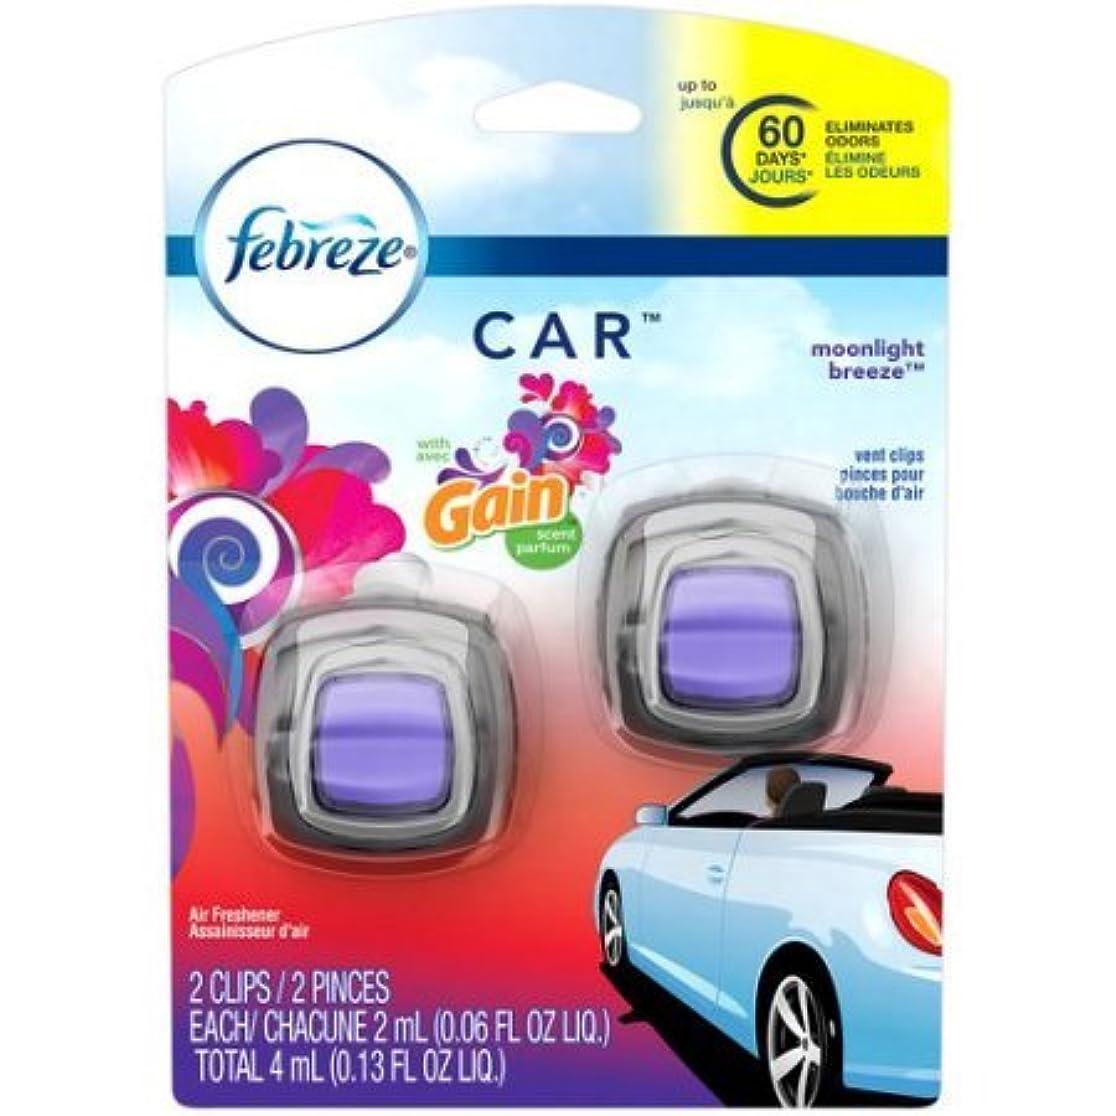 認知防水関係する【Febreze/ファブリーズ】 車用芳香剤 (イージークリップ) 2個入り ゲイン ムーンライトブリーズ Car Vent Clips Gain Moonlight Breeze Air Freshener, 0.06 oz, 2 count [並行輸入品]